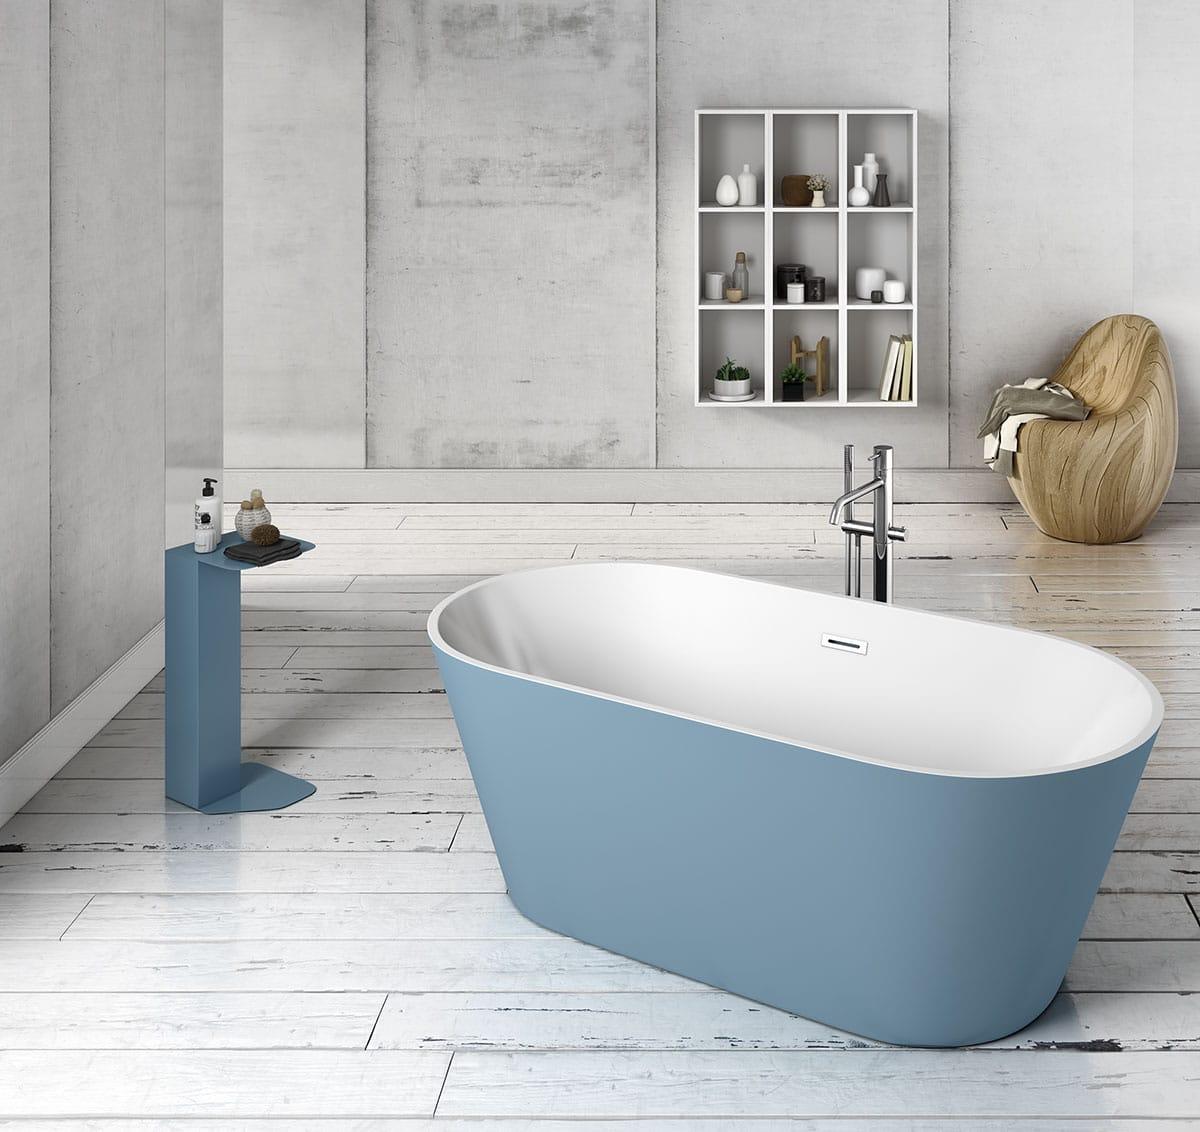 Exposición de baños en Madrid - Ambientes de Baño | Pavimarsa